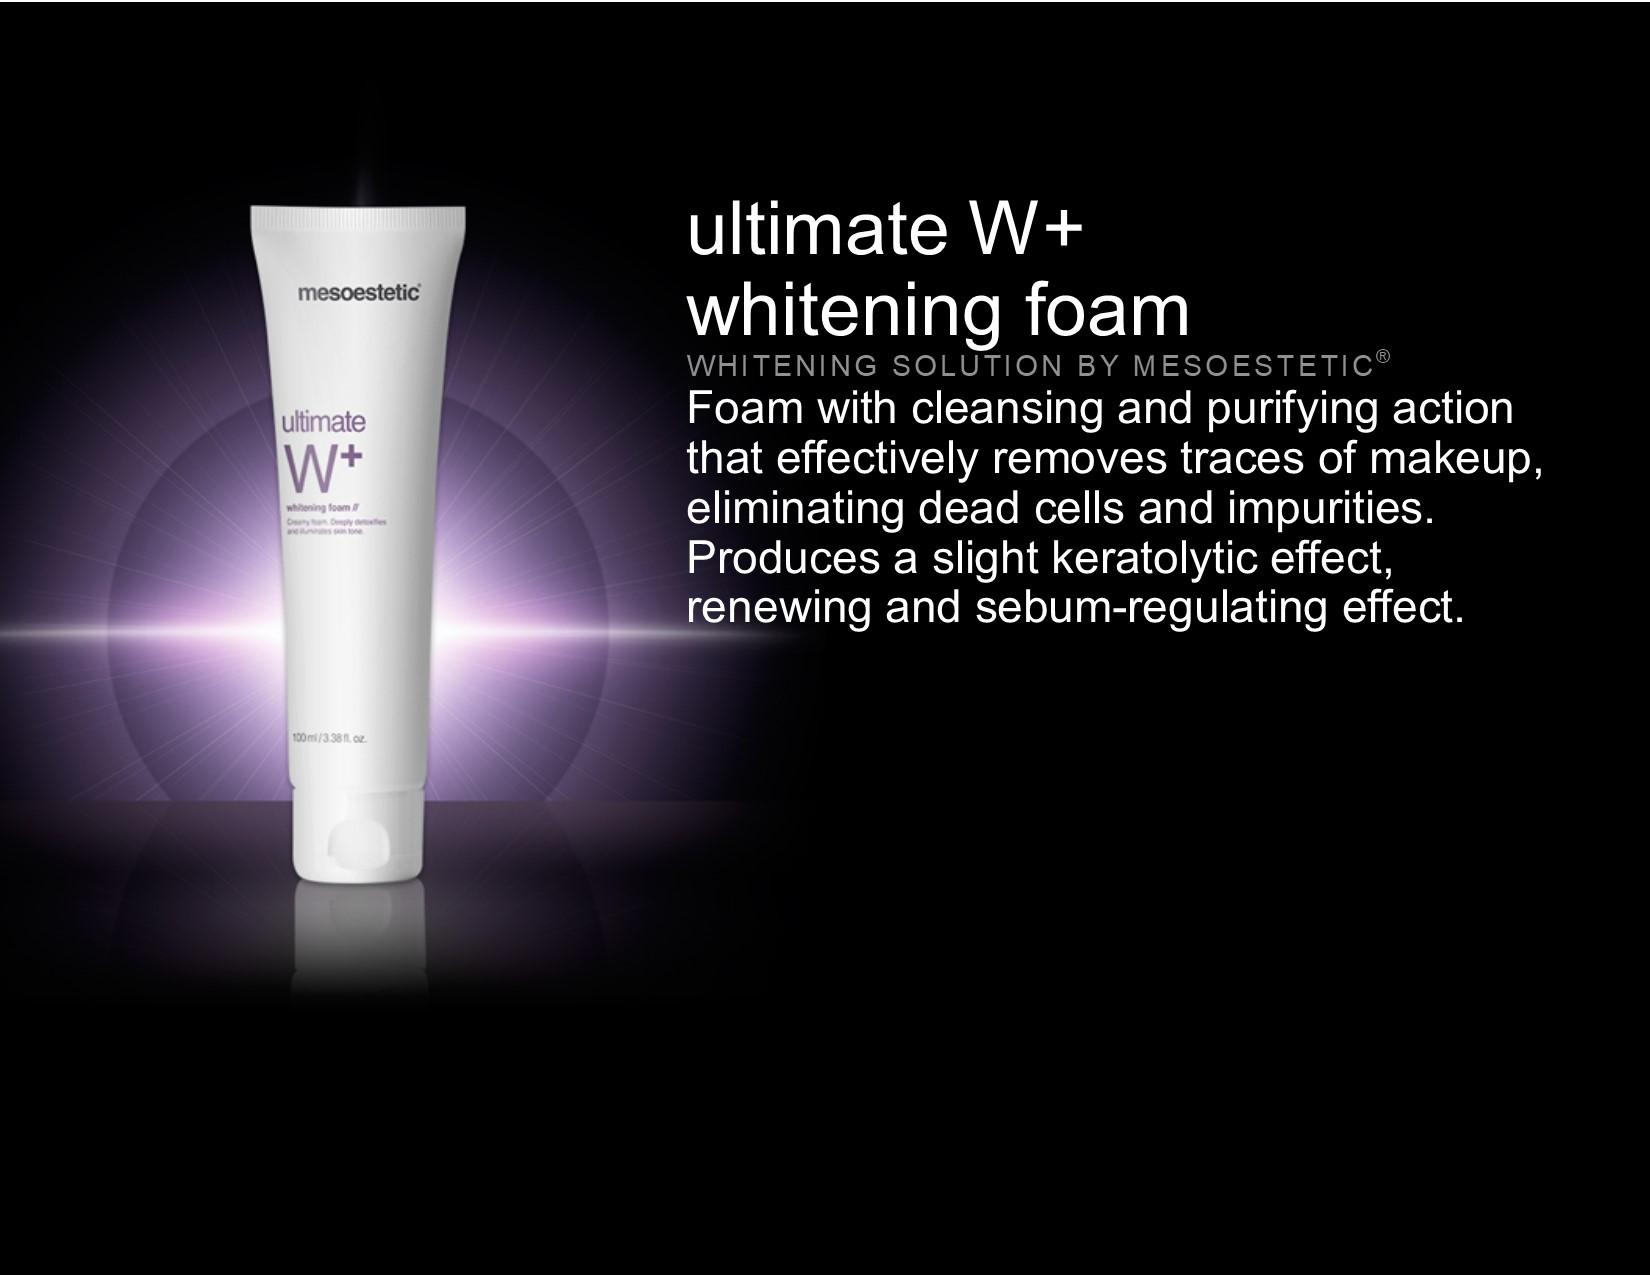 ultimate-w-foam-header.jpg